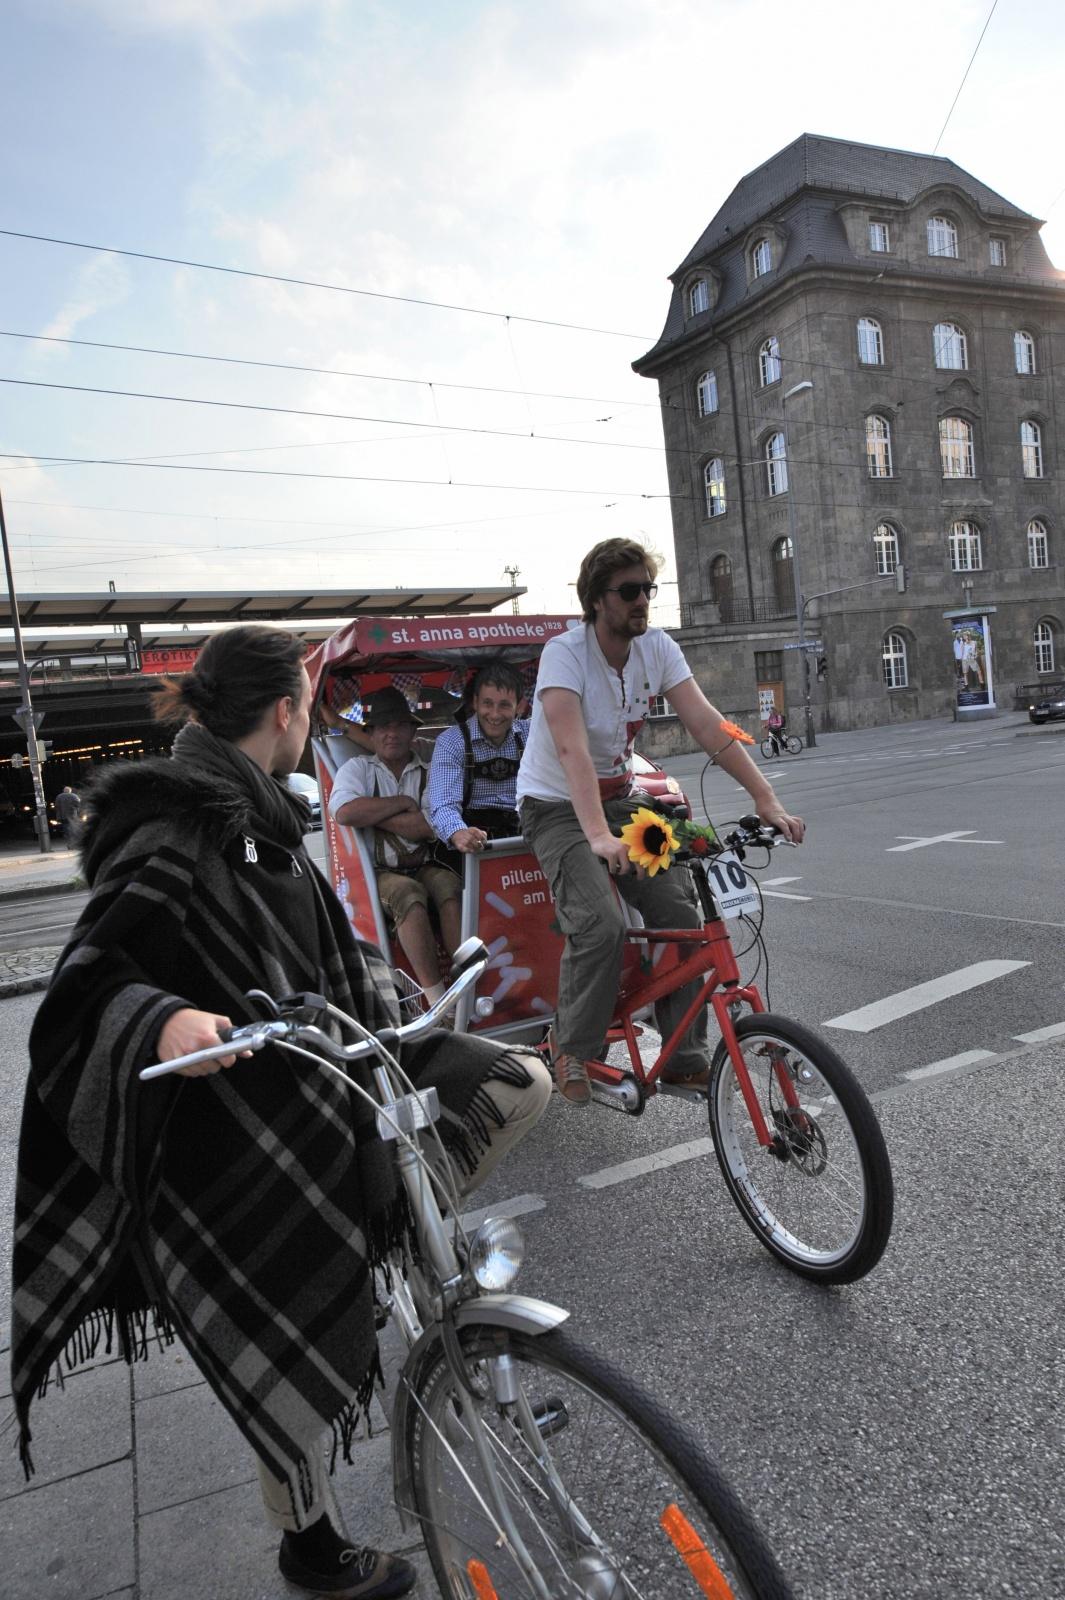 Oktober Fest Munchen 2011